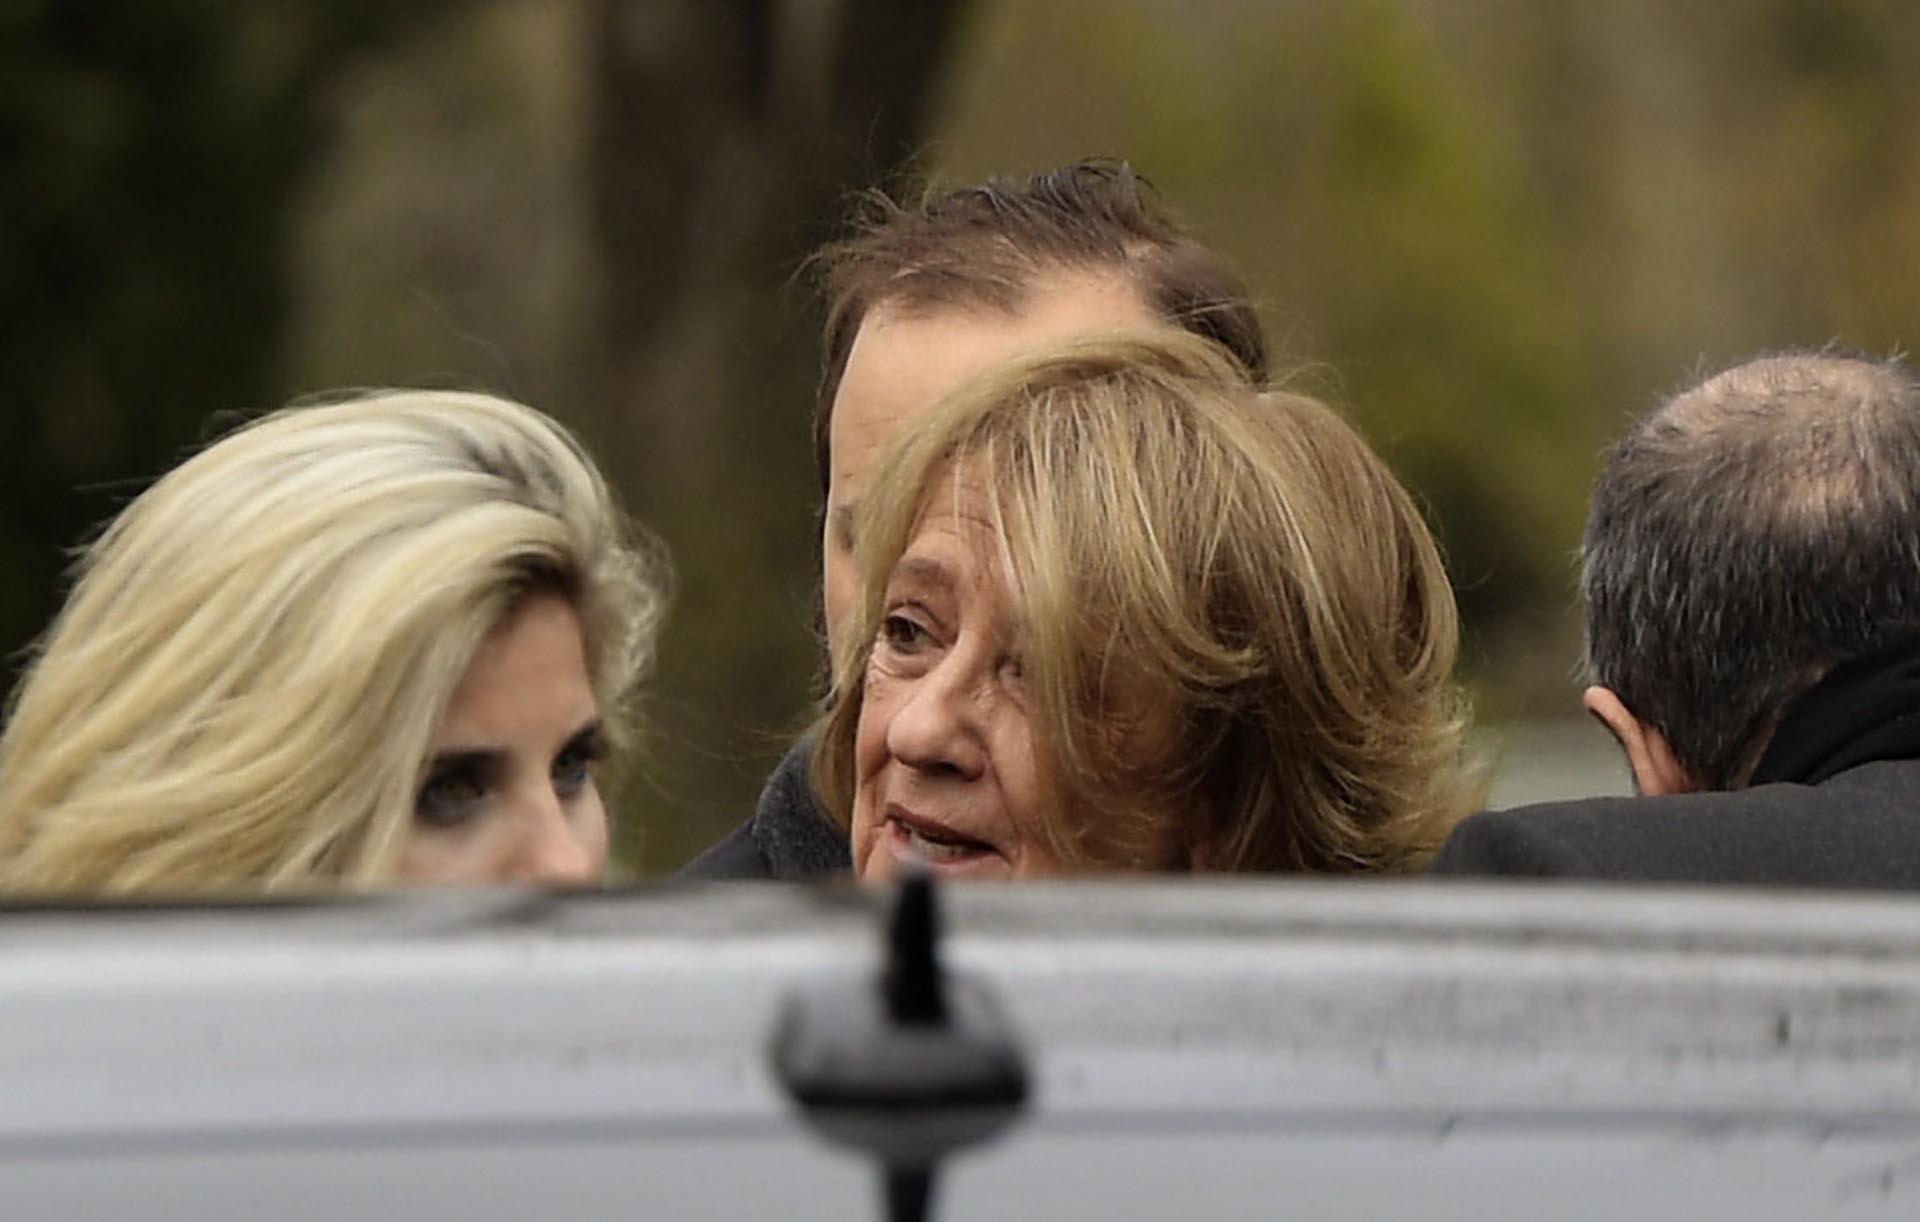 Dolor. María del Carmen Cerruti Carricart enfrentó con entereza el cortejo para despedir los restos de su marido y compañero de la vida, Jorge Zorreguieta, quien falleció a los 89 años, siendo 15 años mayor que ella. (AFP / JUAN MABROMATA)